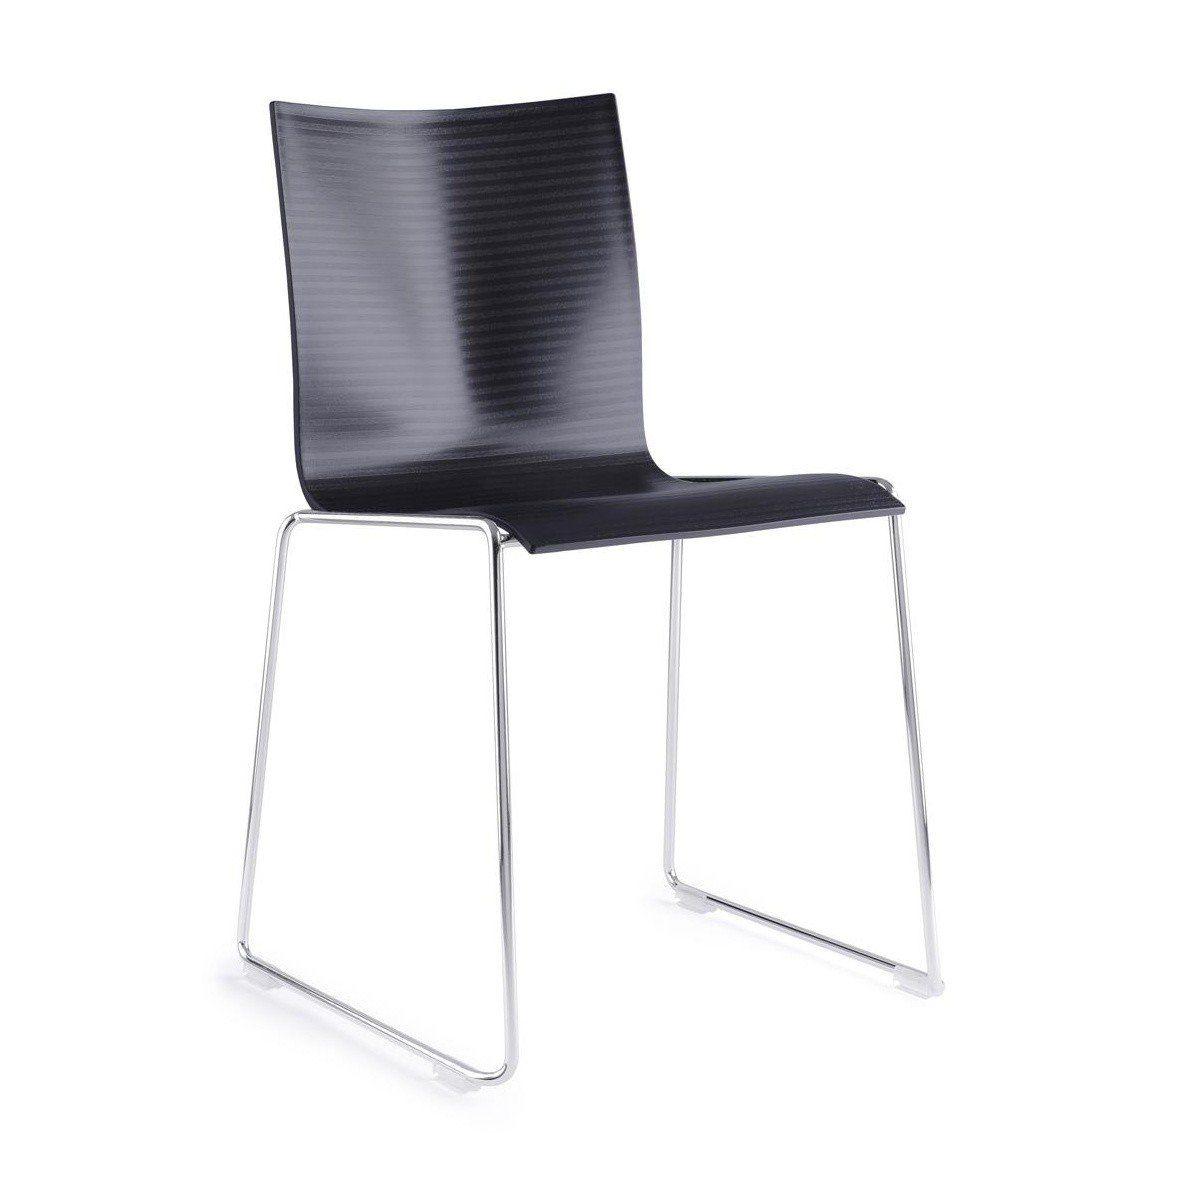 Chairik 107 stuhl engelbrechts for Draht stuhl design